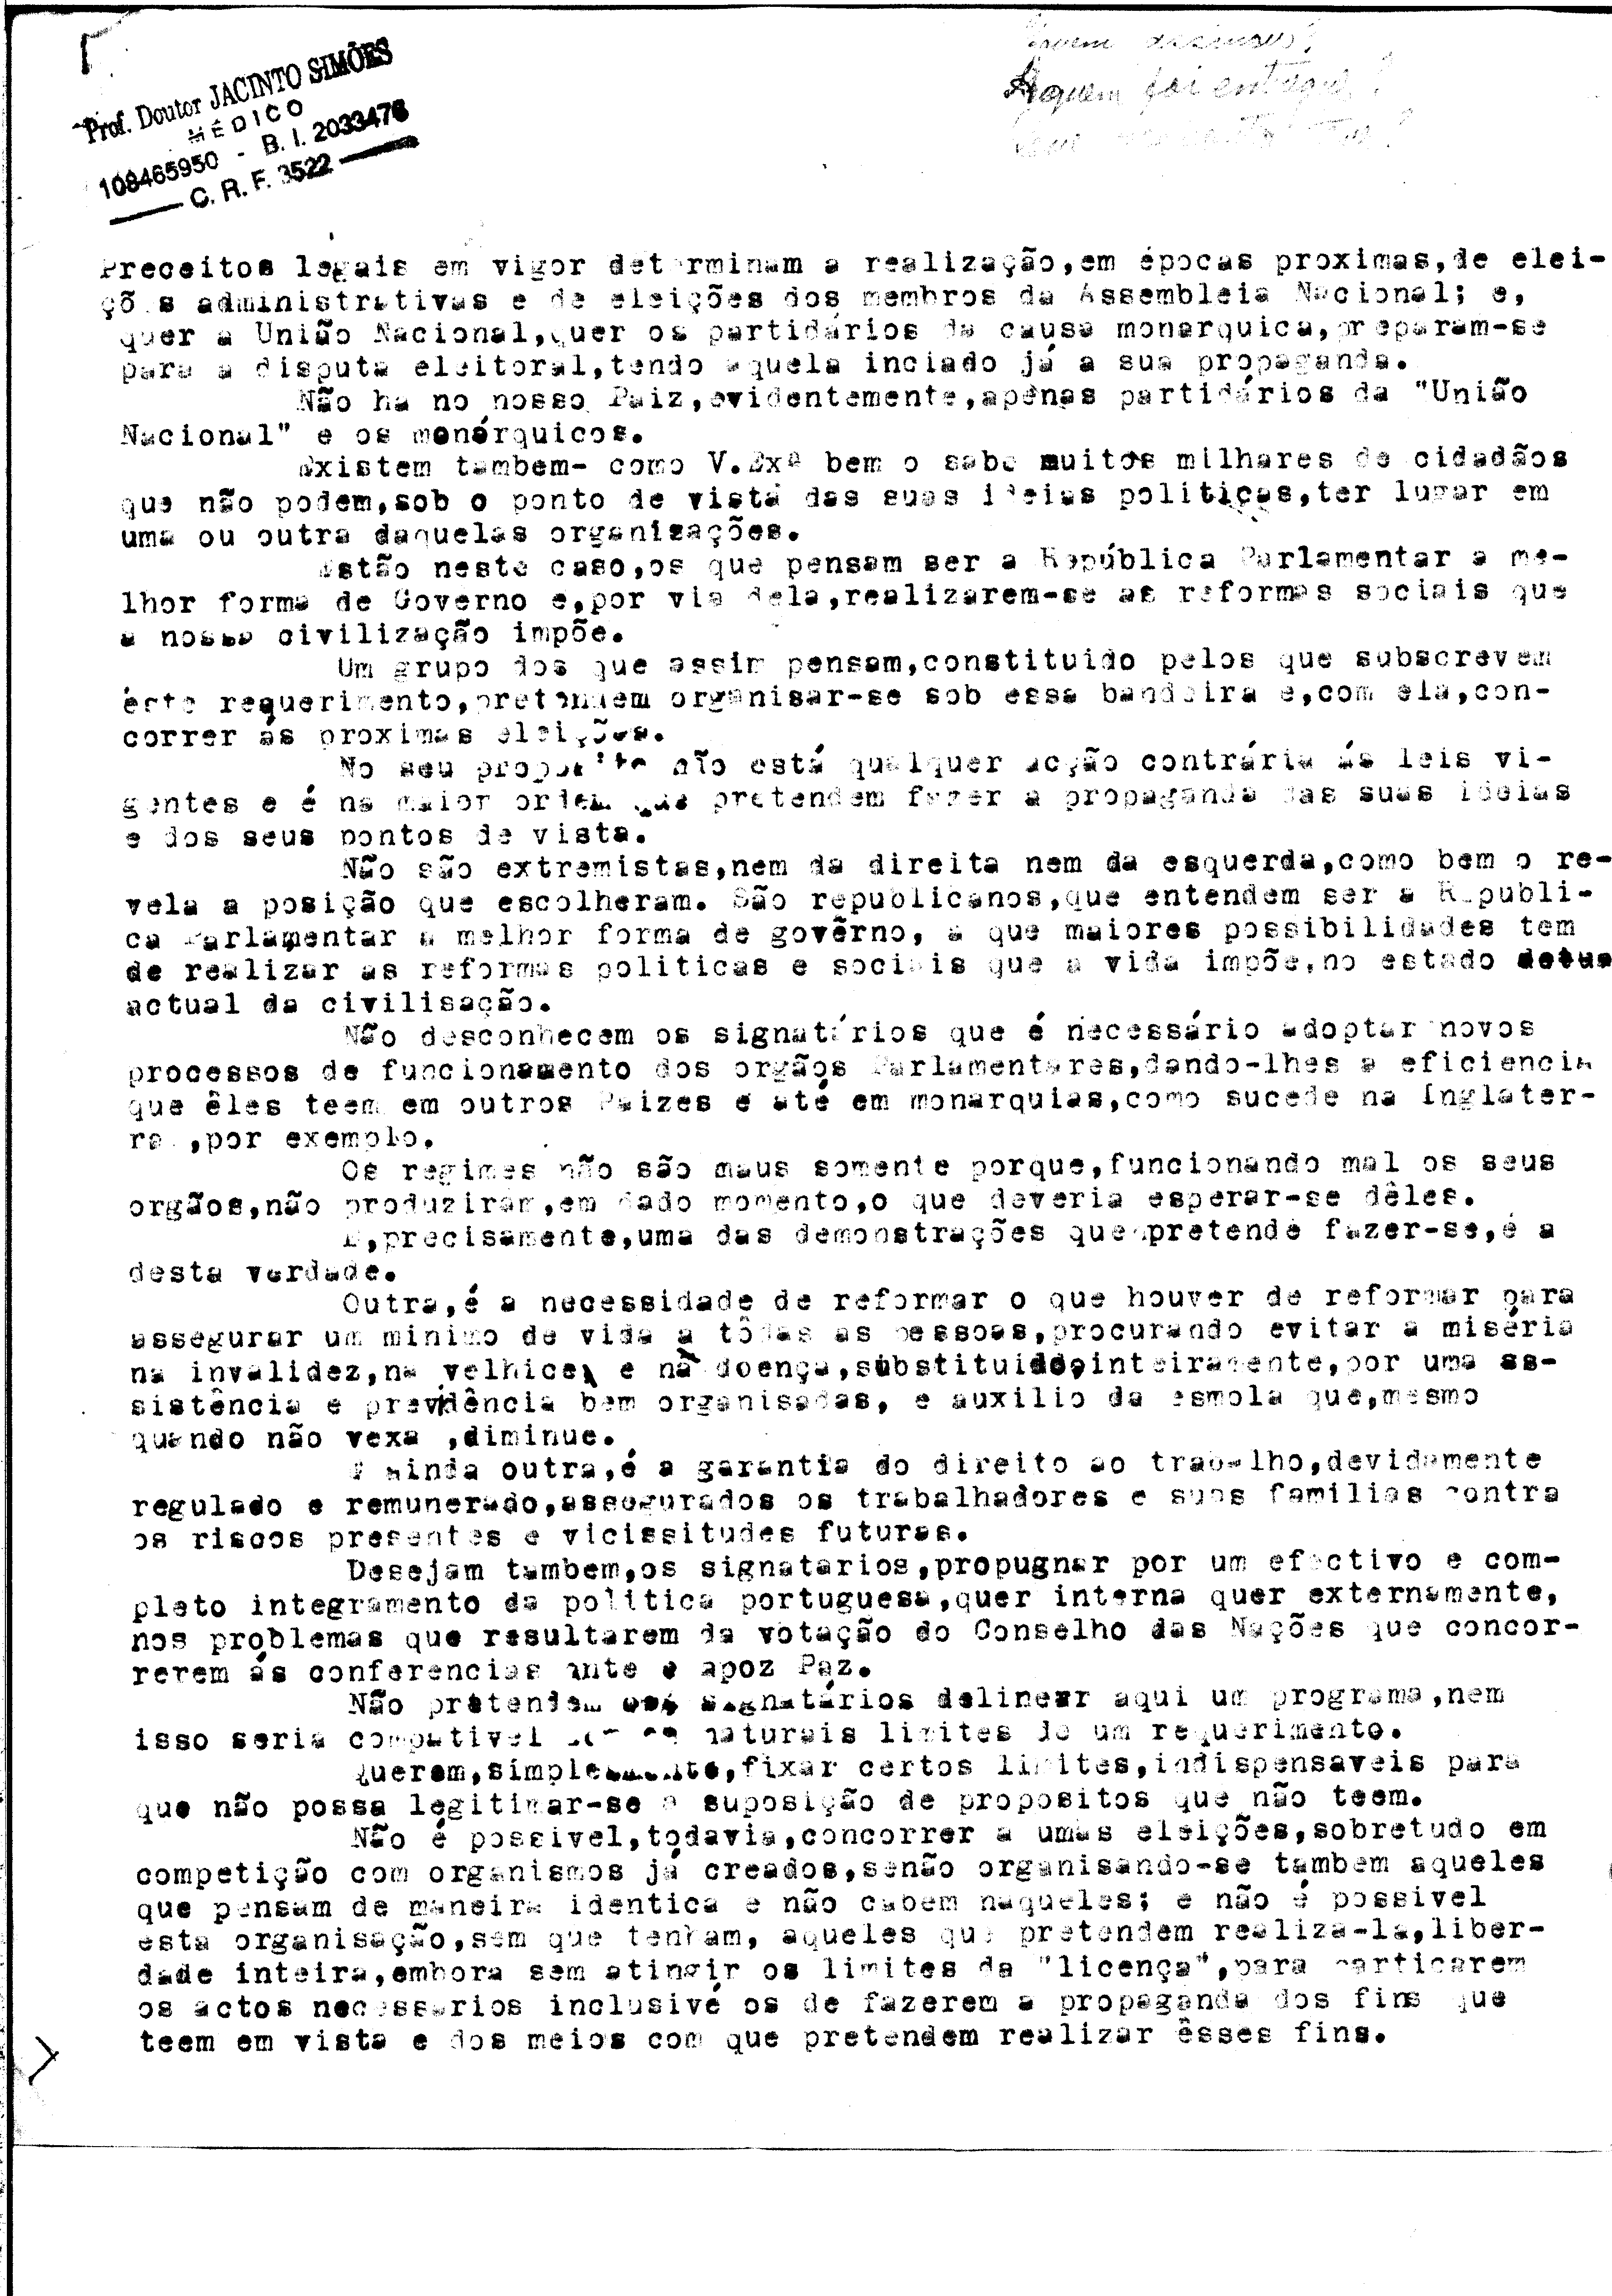 02967.005.001- pag.1